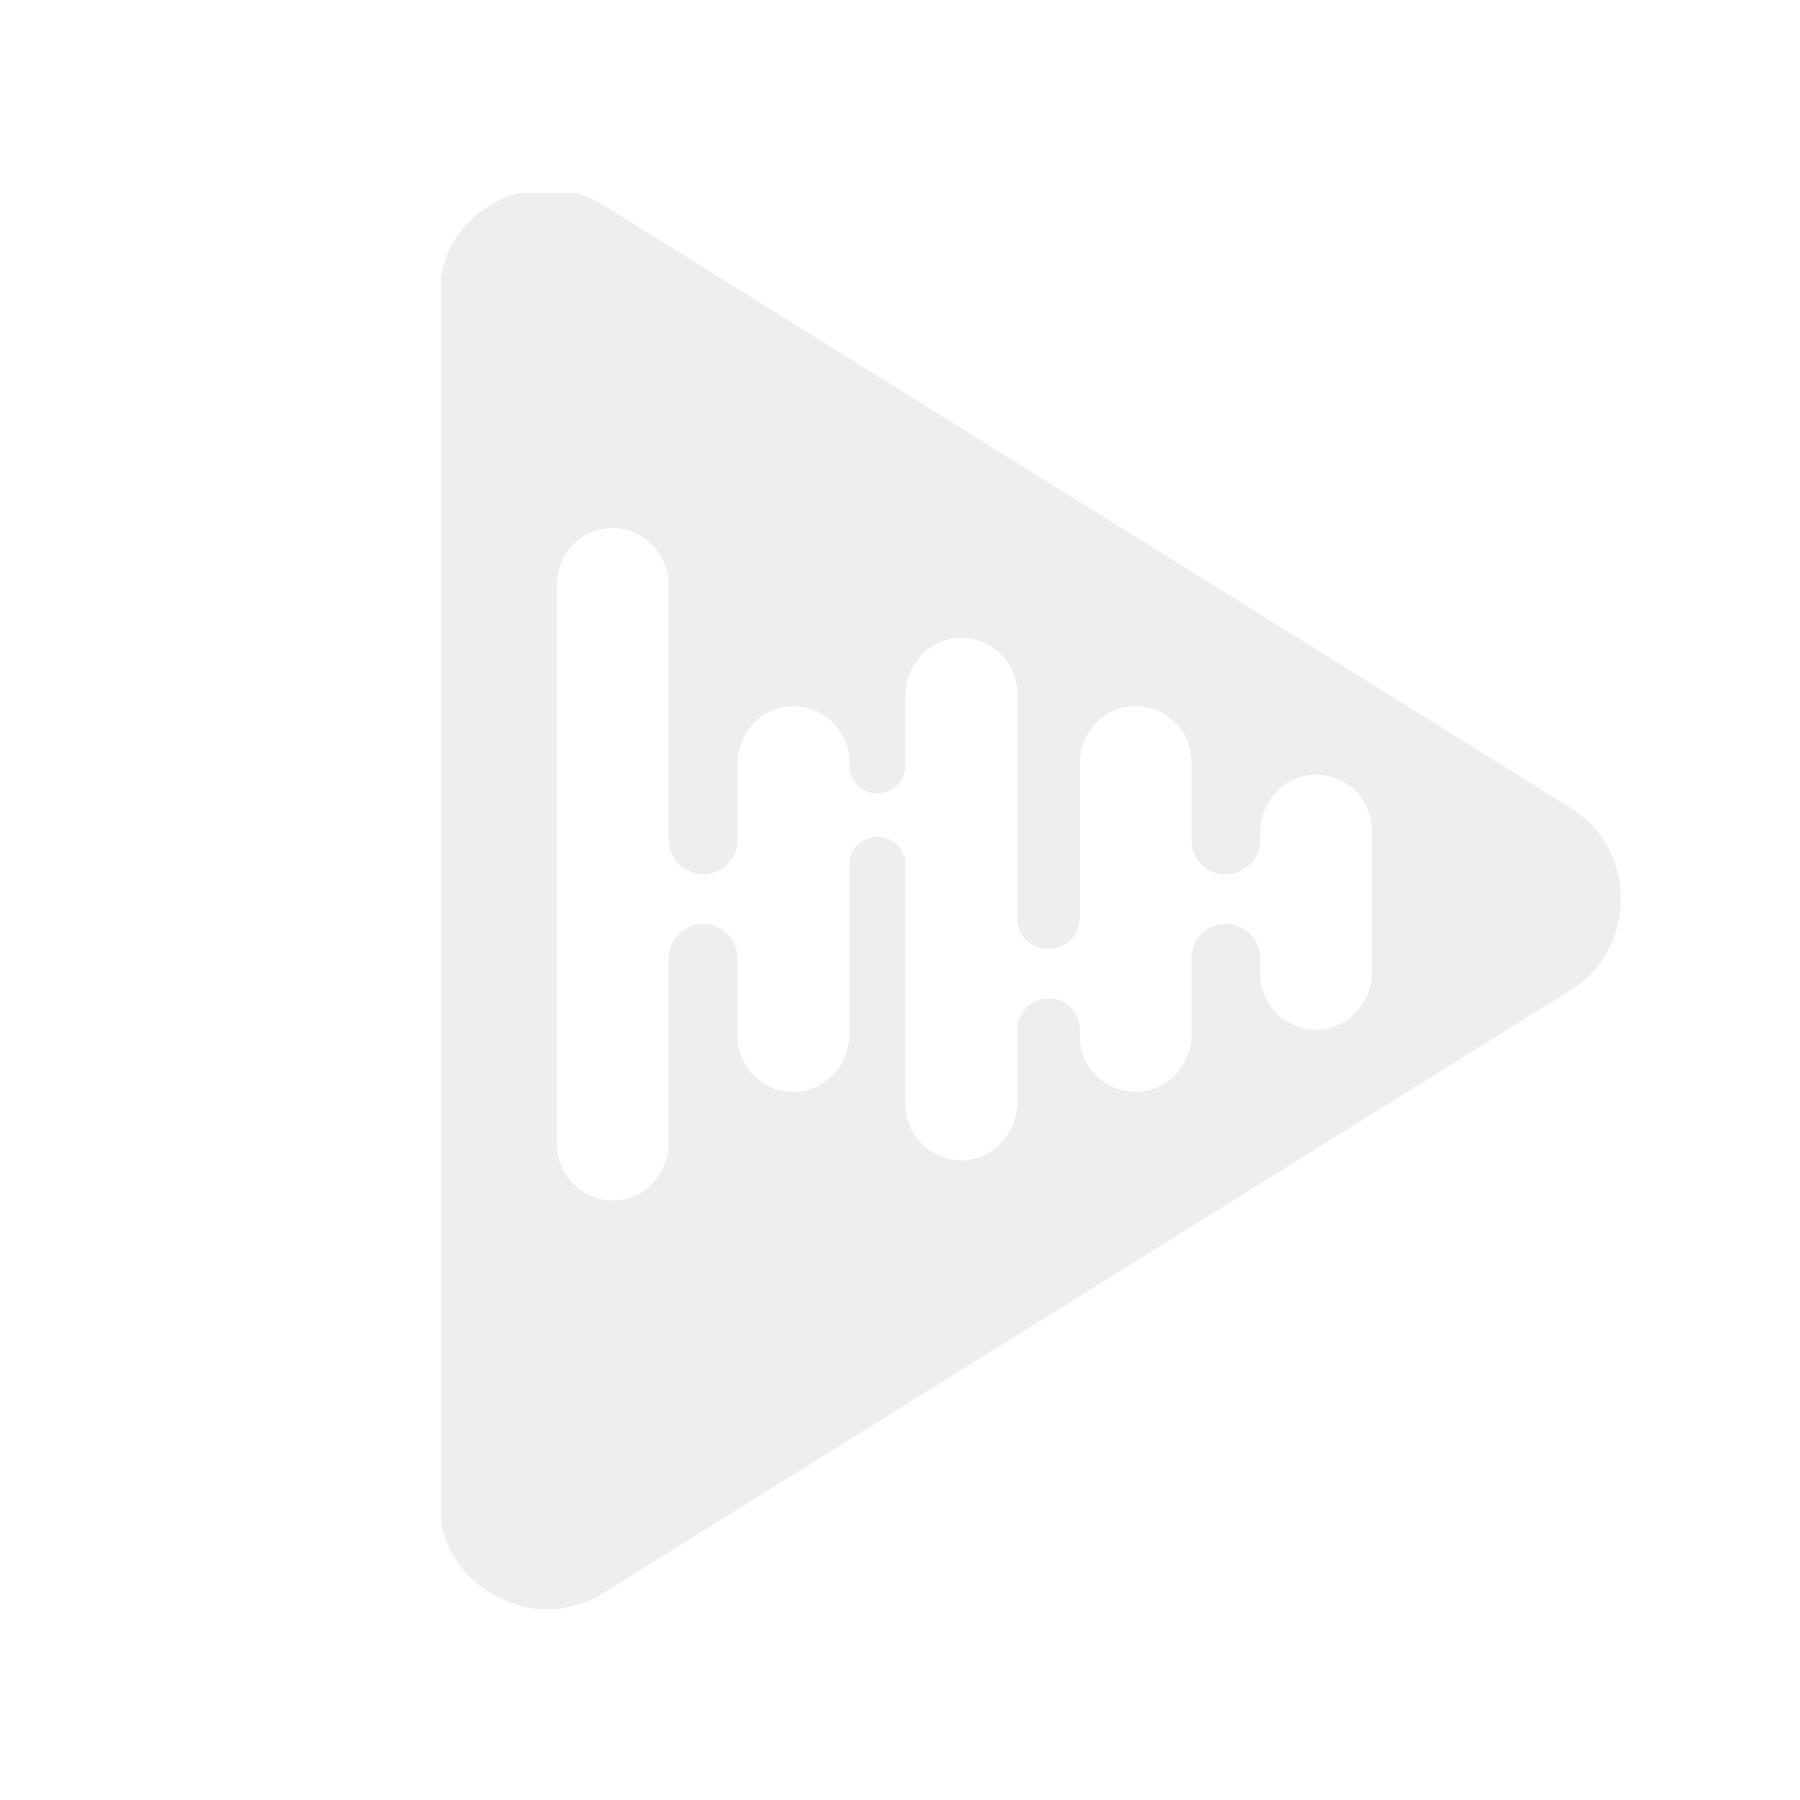 Kufatec Fiscon 37196 - Blåtann-integrering, Audi m/MMI 2G